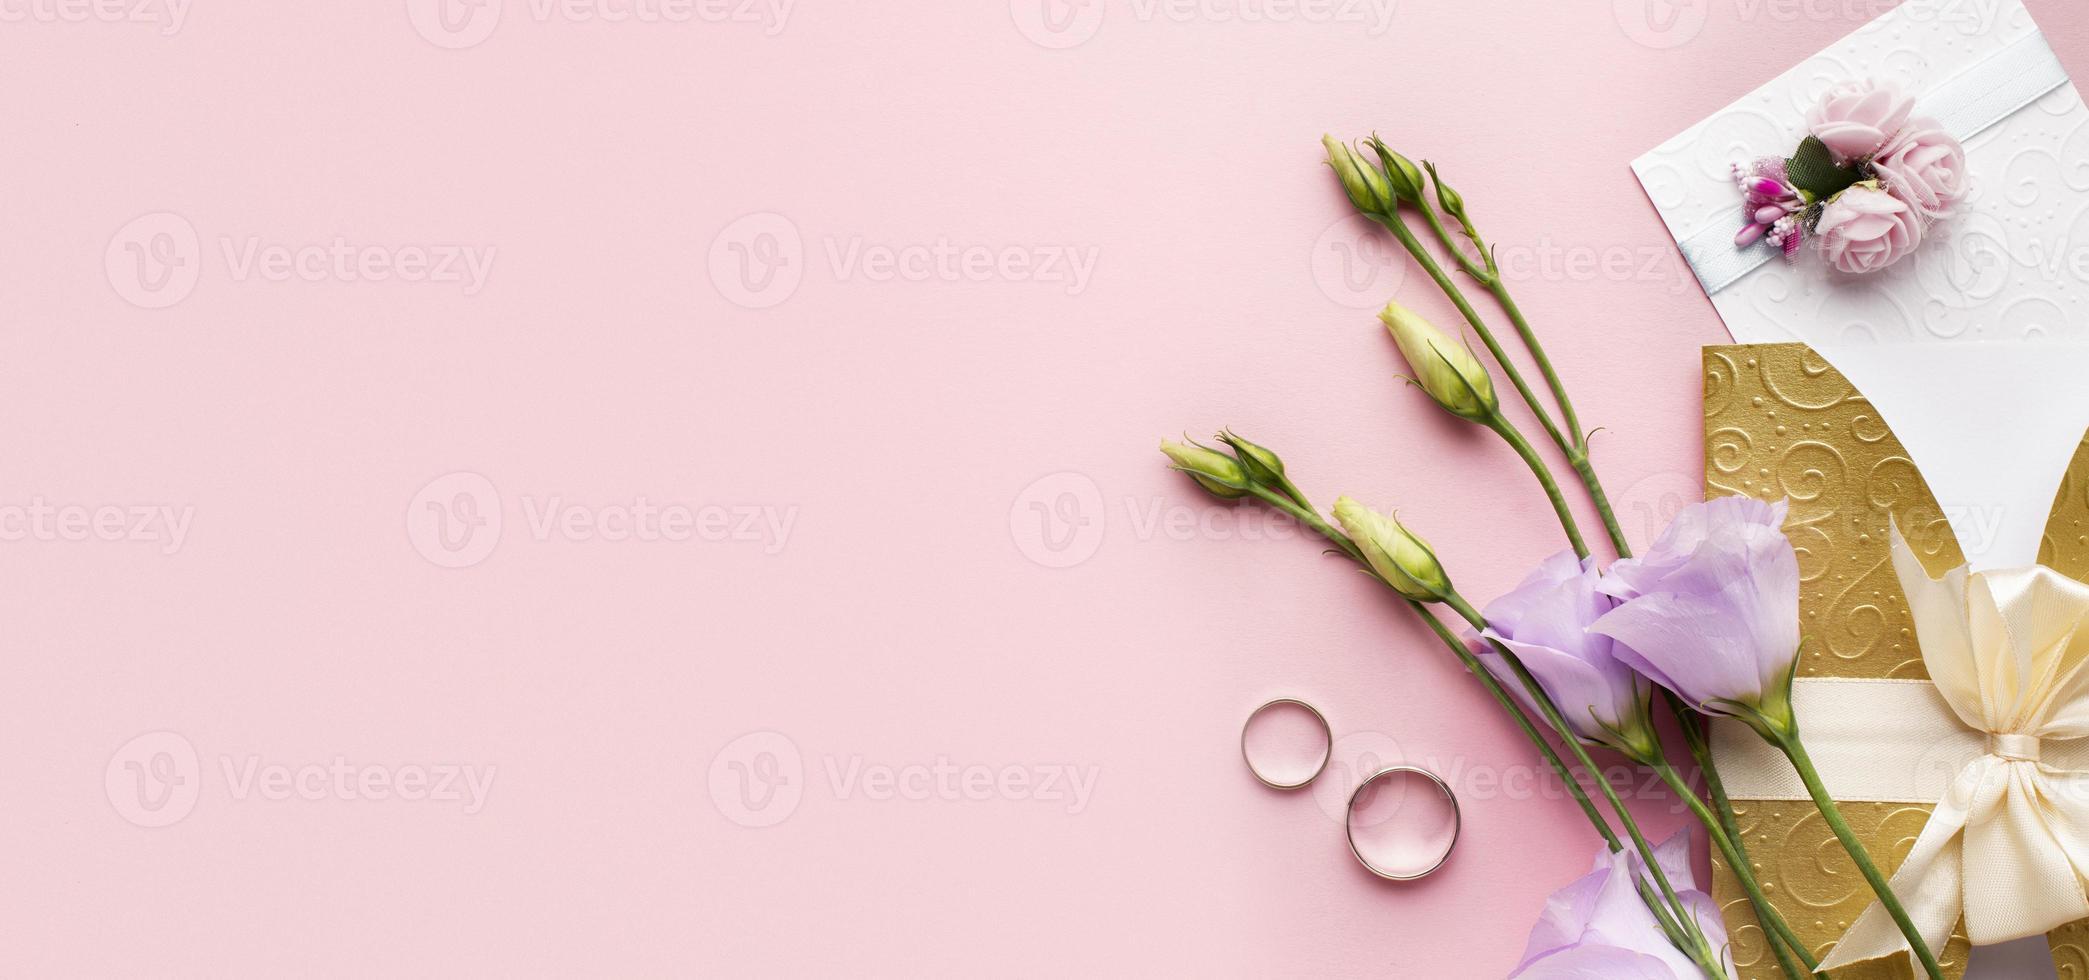 Copiez la papeterie de mariage de luxe floral espace sur fond rose photo